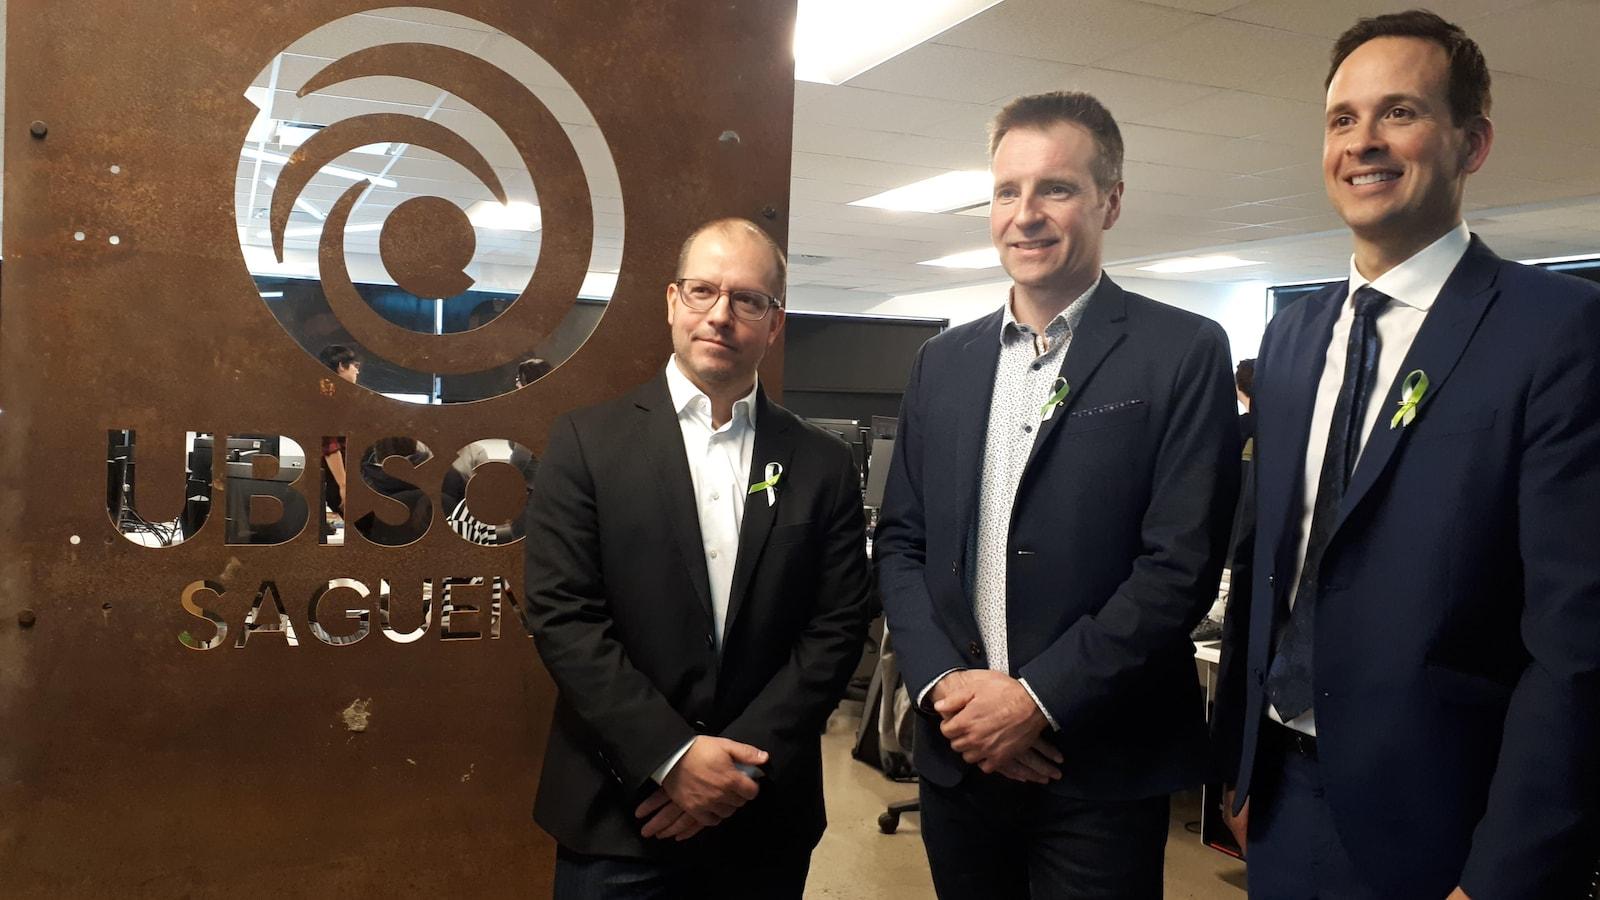 Un Premier Anniversaire Et Des Projets Chez Ubisoft Saguenay Ici